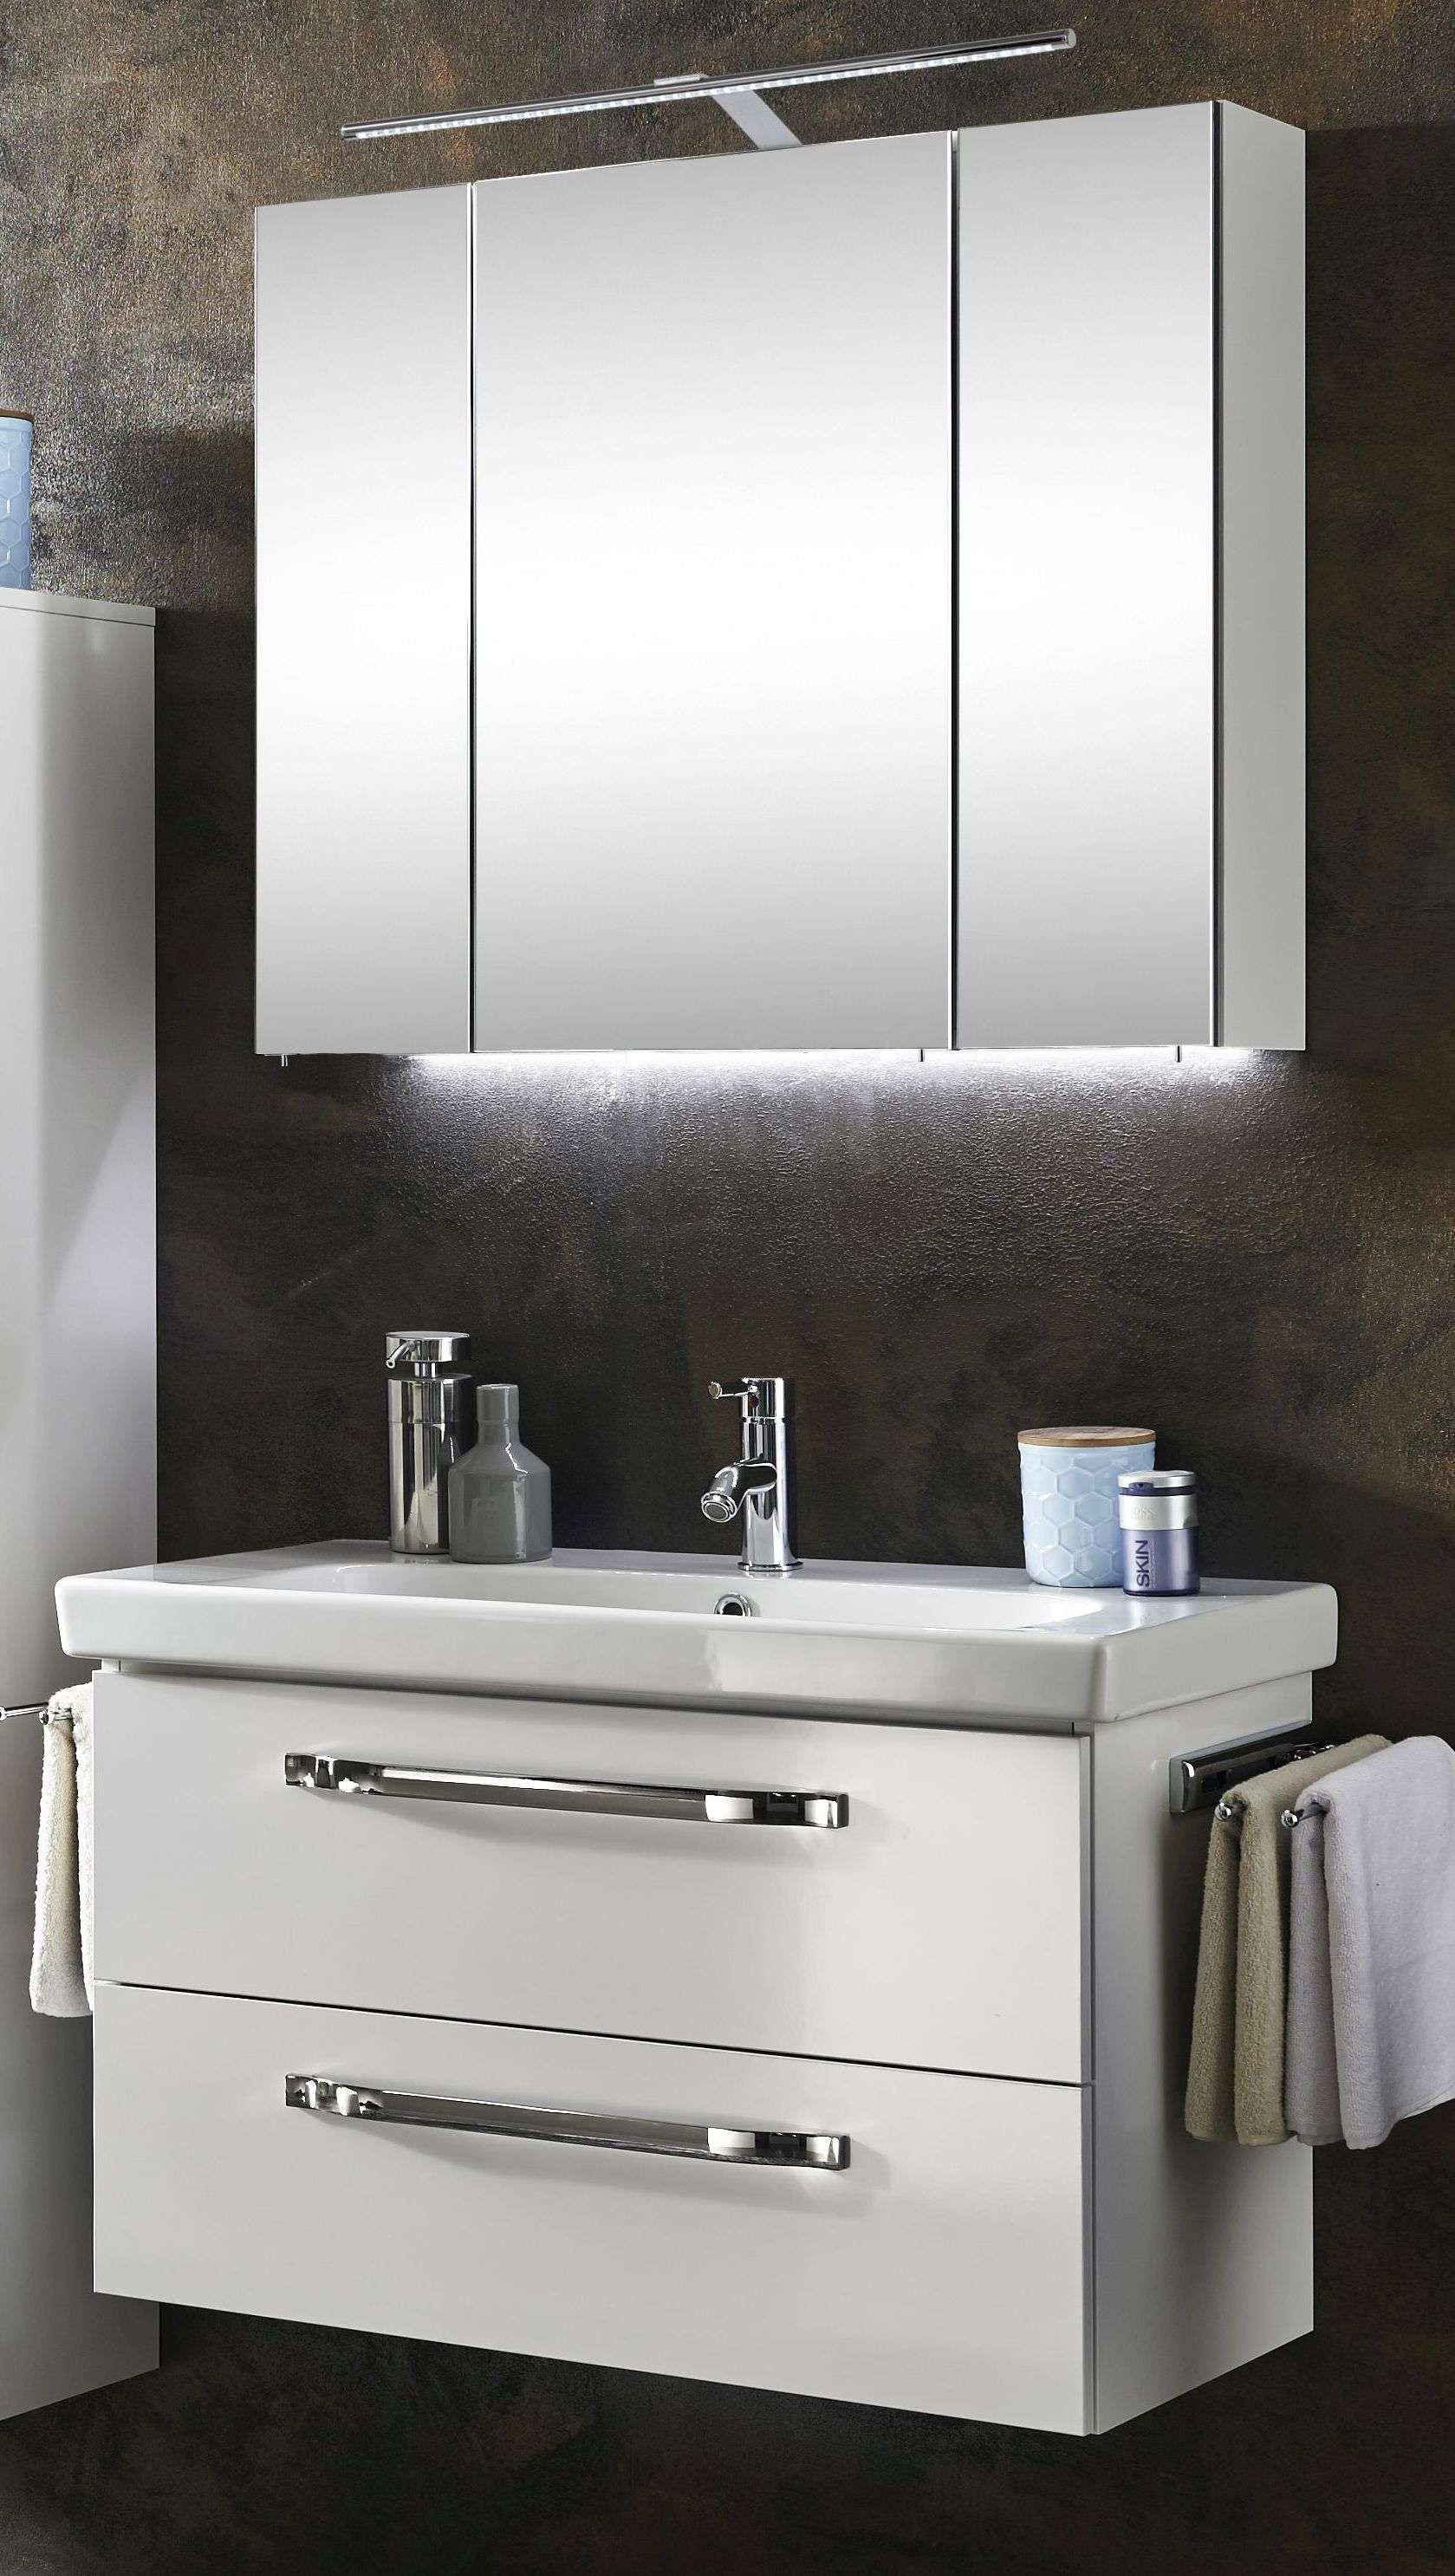 Waschtisch Spiegelschrank Set Marlin Bad 3060 Badmobel Set 85 Cm